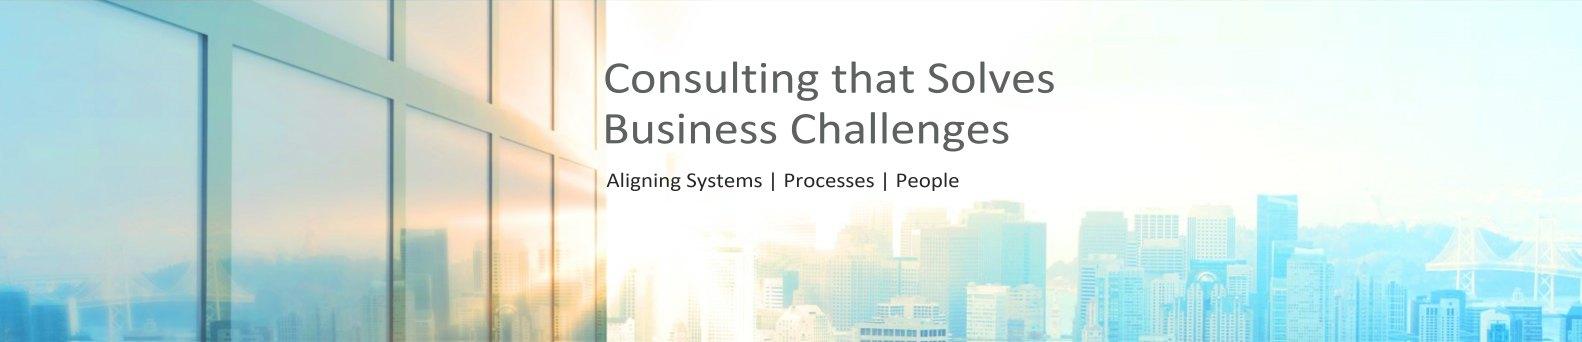 Final-Banner-5-Business